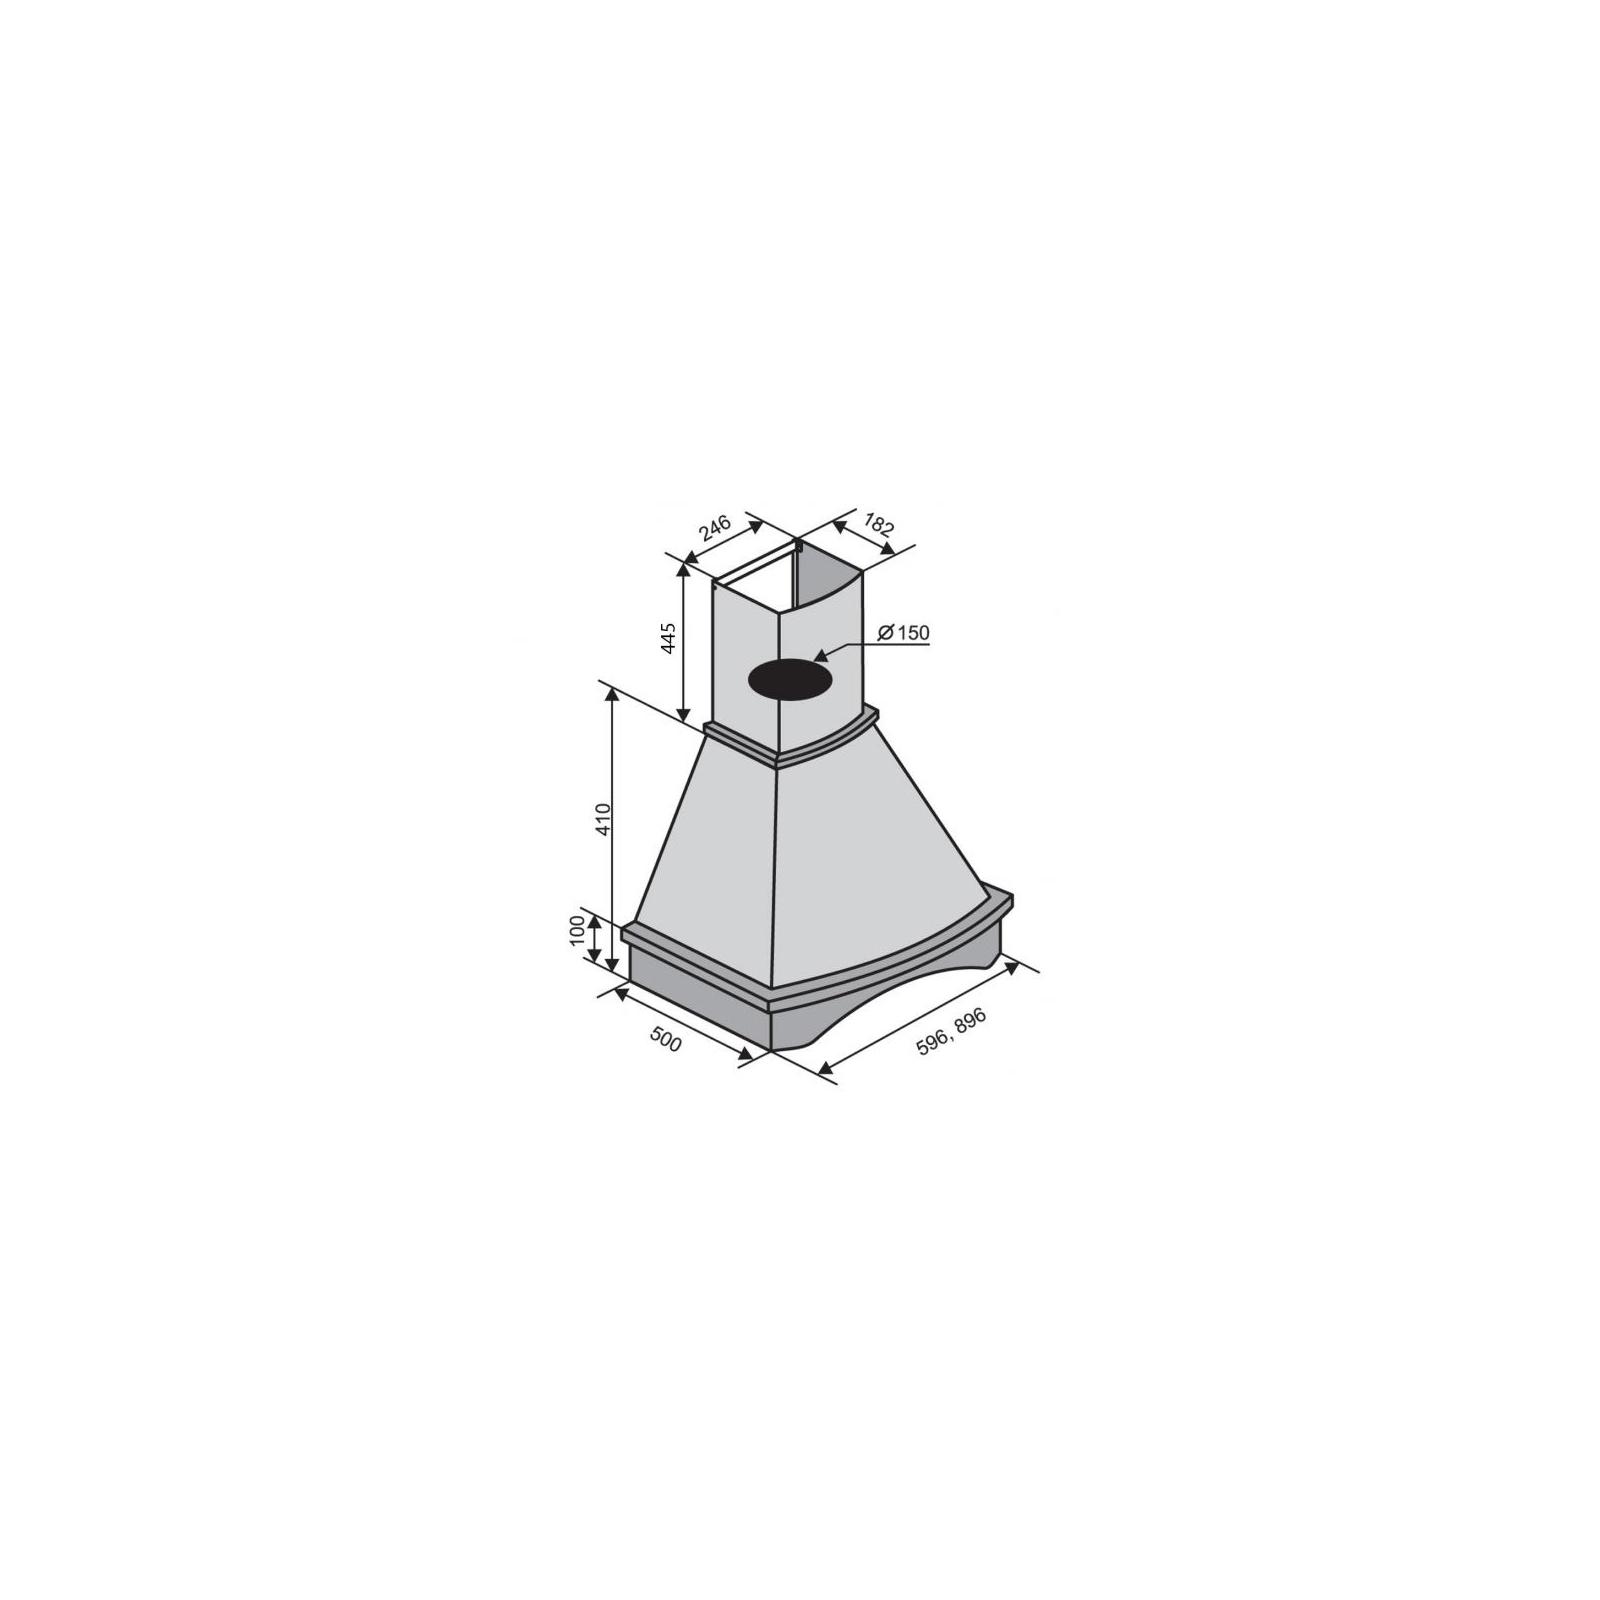 Вытяжка кухонная VENTOLUX VICENZA 90 RW WH (750) IT изображение 2